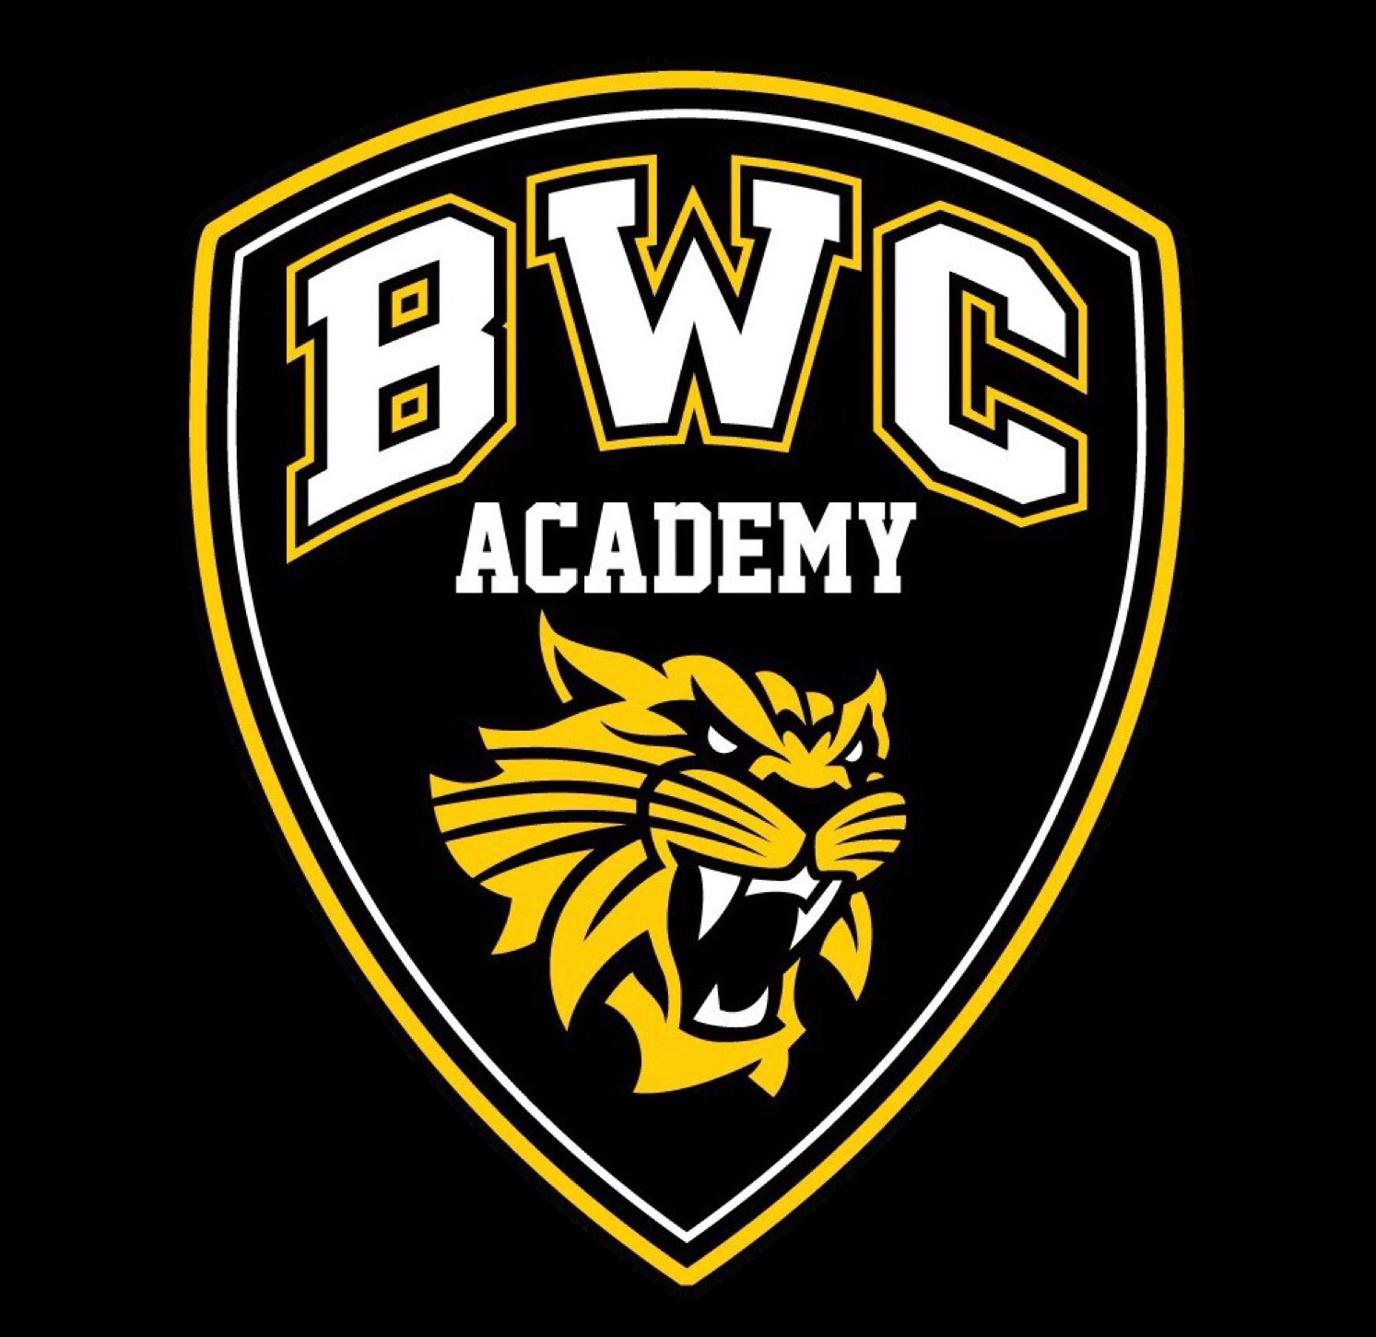 BWC Academy Prep